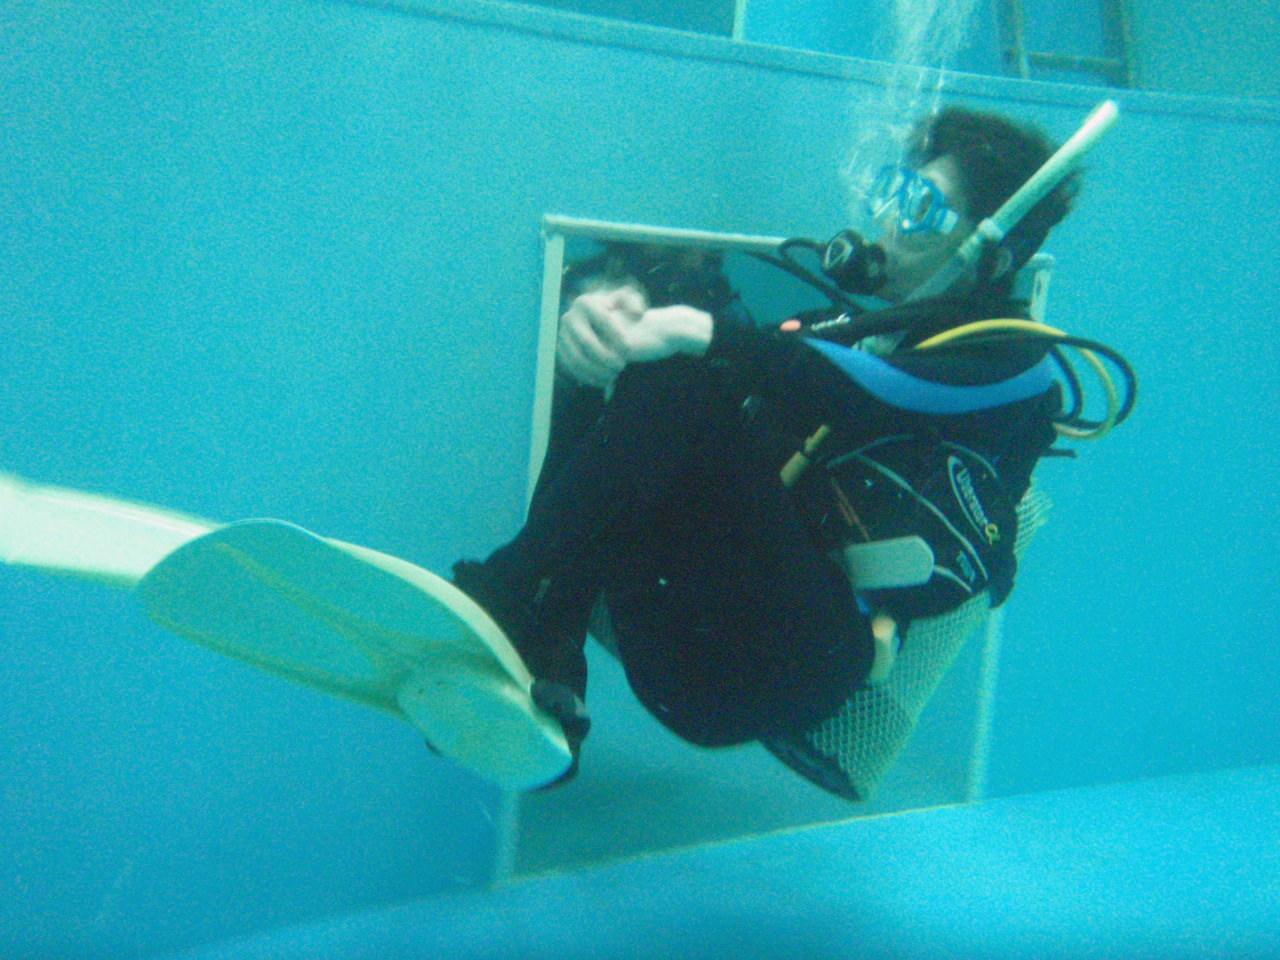 ココモの高品質ダイビングライセンス取得コース(店内で楽々プールセッション)